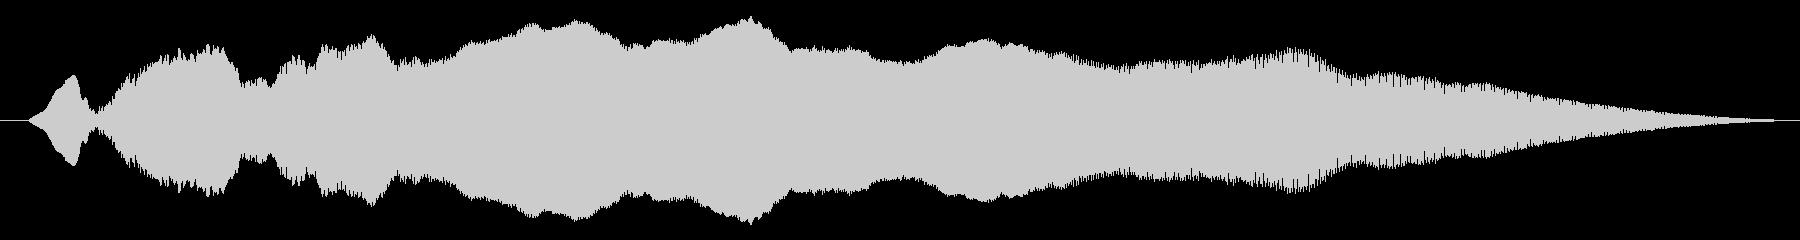 漫画スライドwhiがゆっくりの未再生の波形